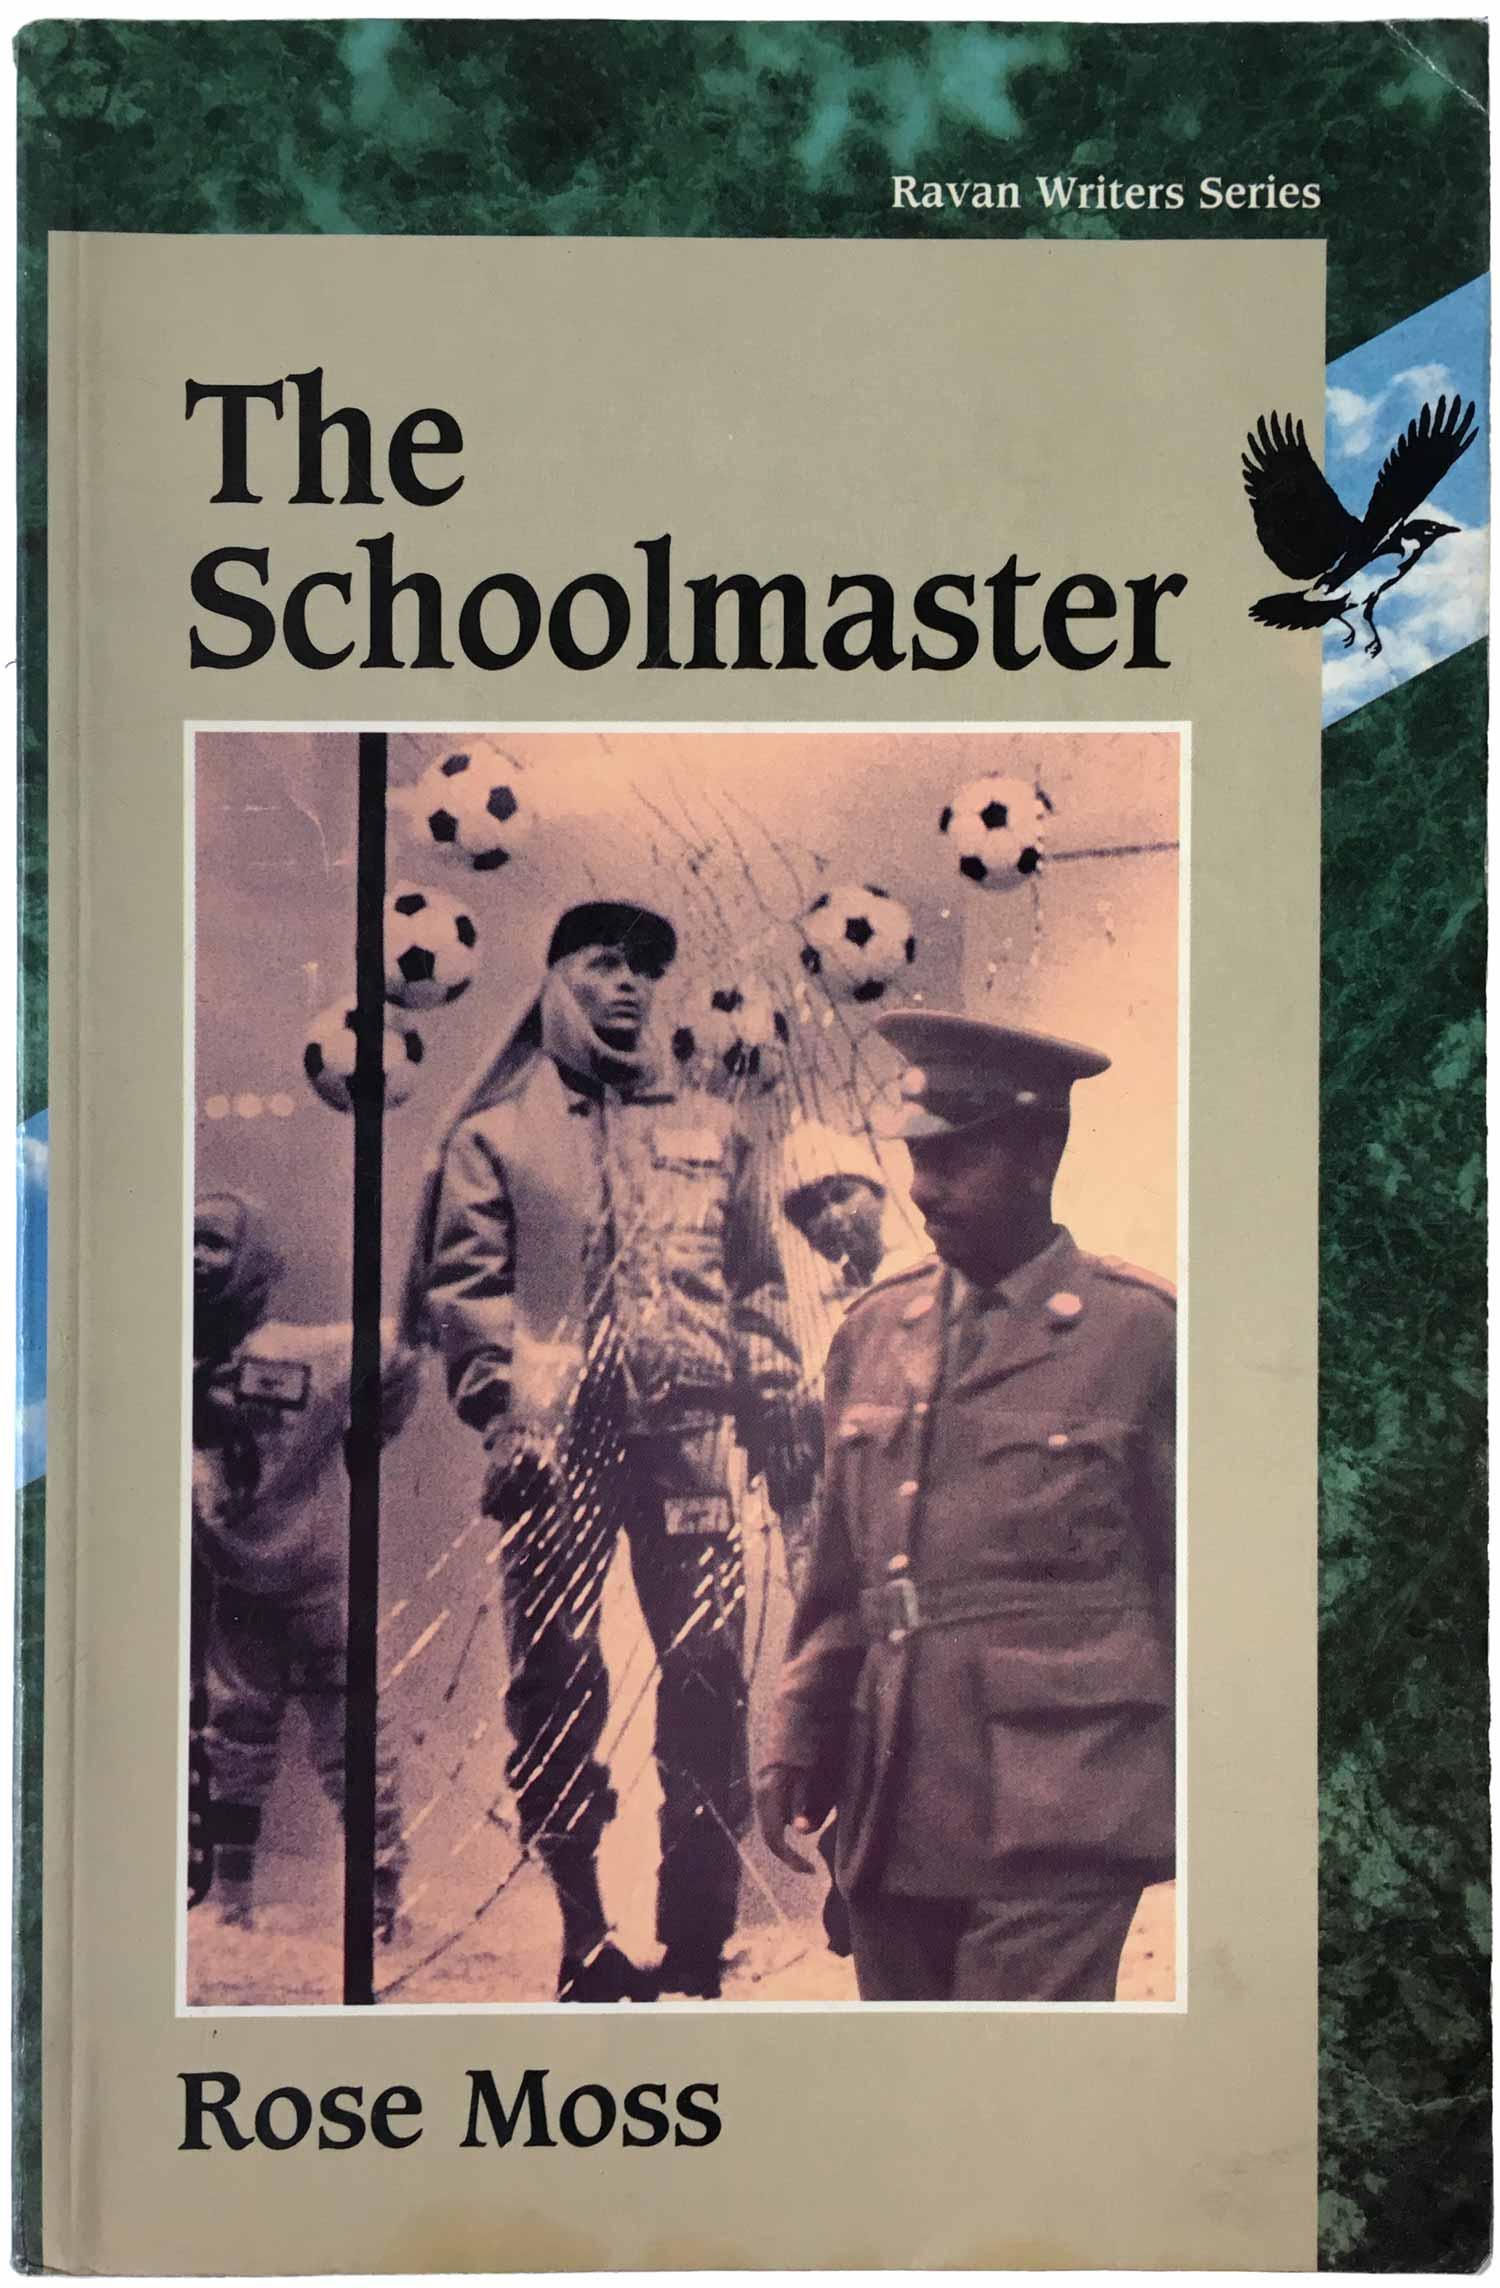 Moss_Schoolmaster_Ravan